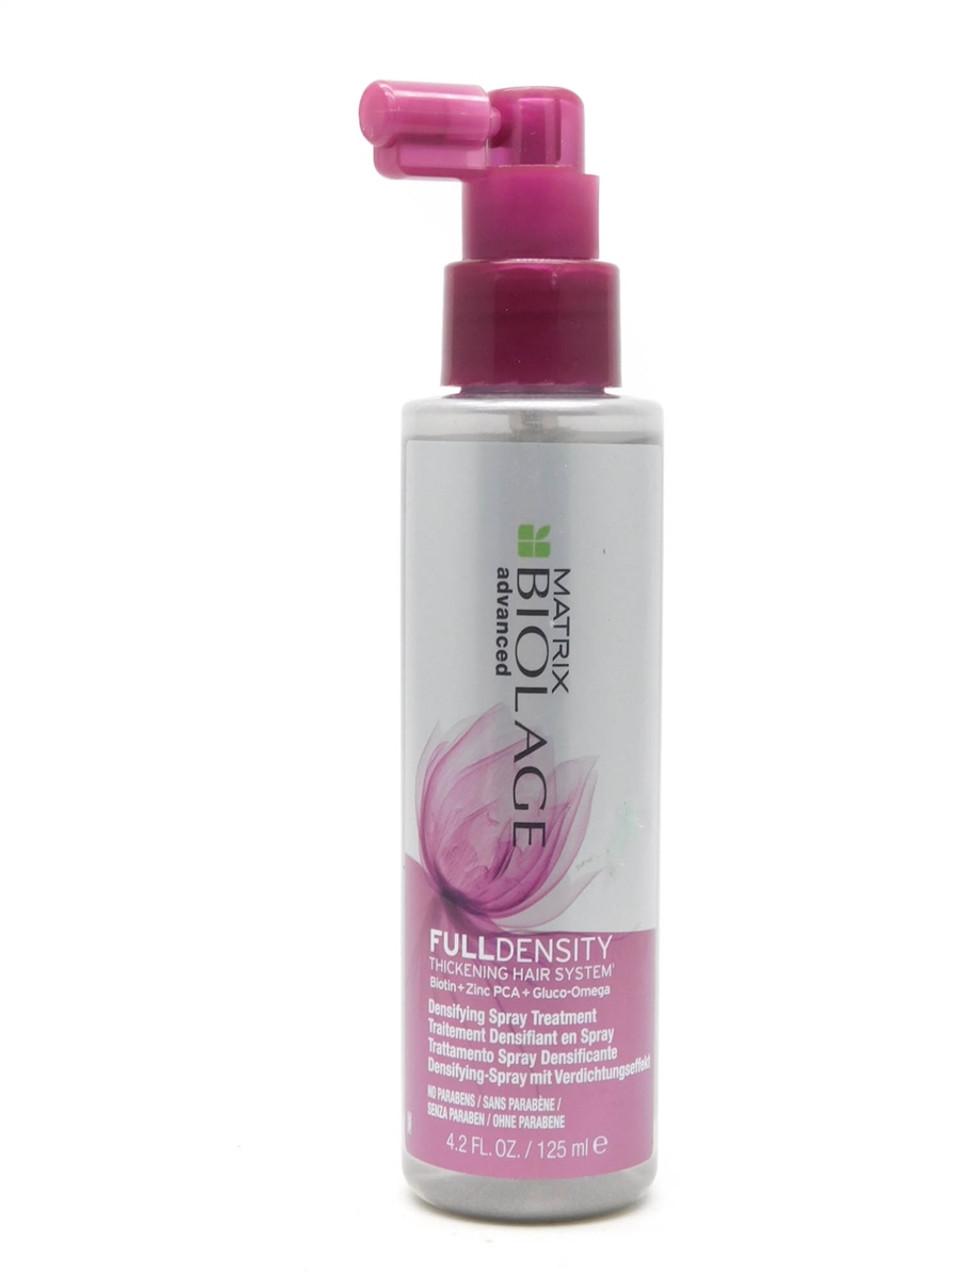 Full Density Thick Spray 4.2 oz